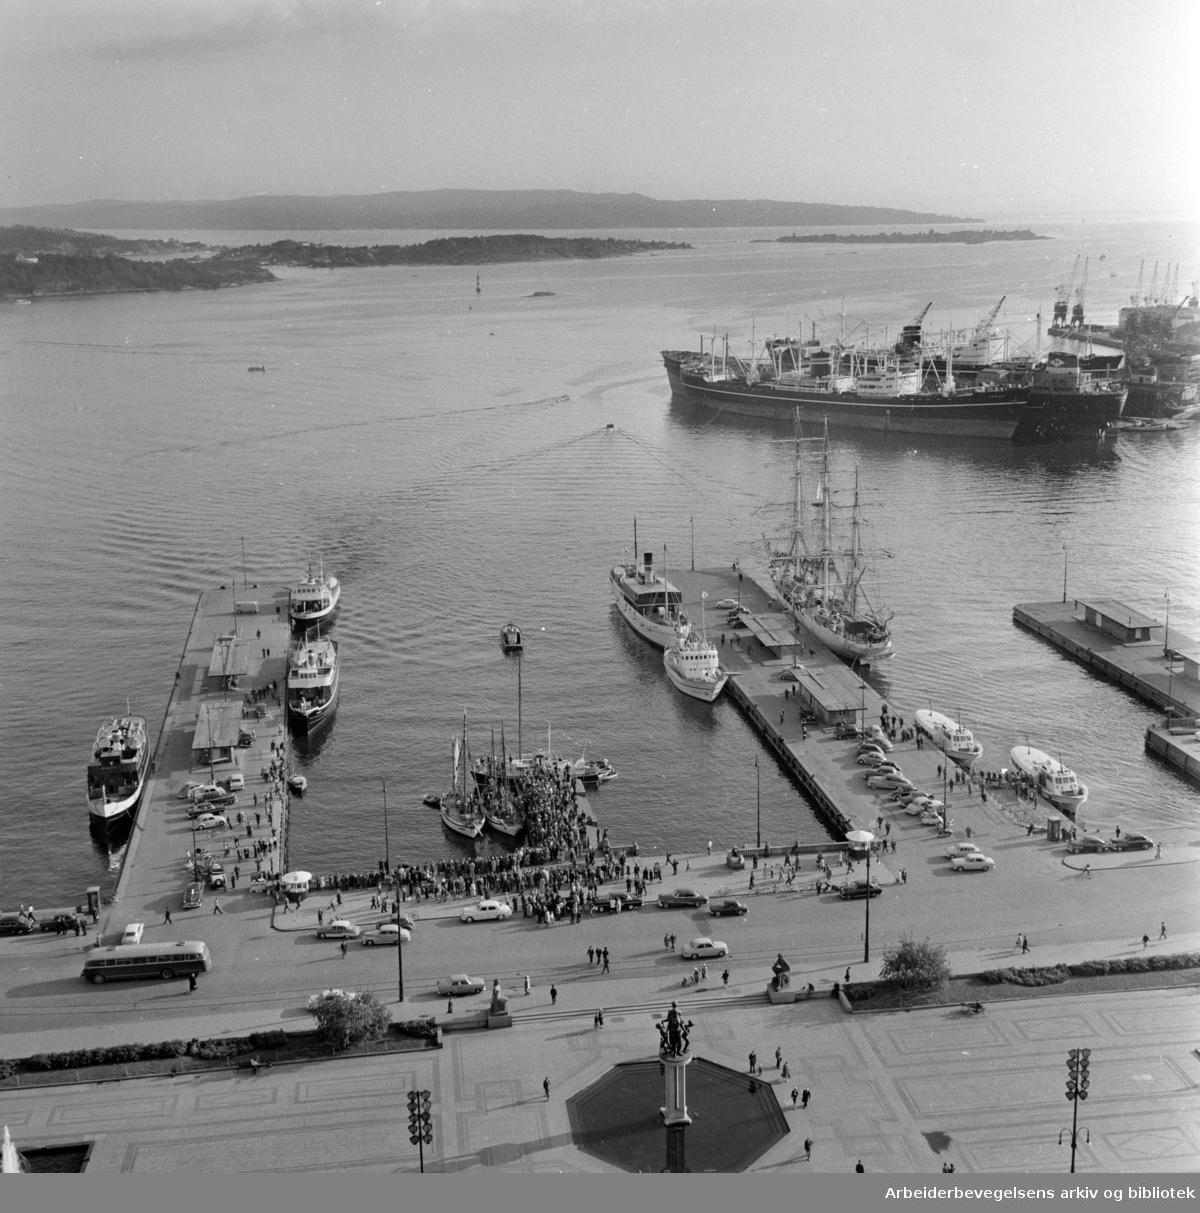 Rådhuset: Utsikten over Rådhusplassen og havna. Juni 1960